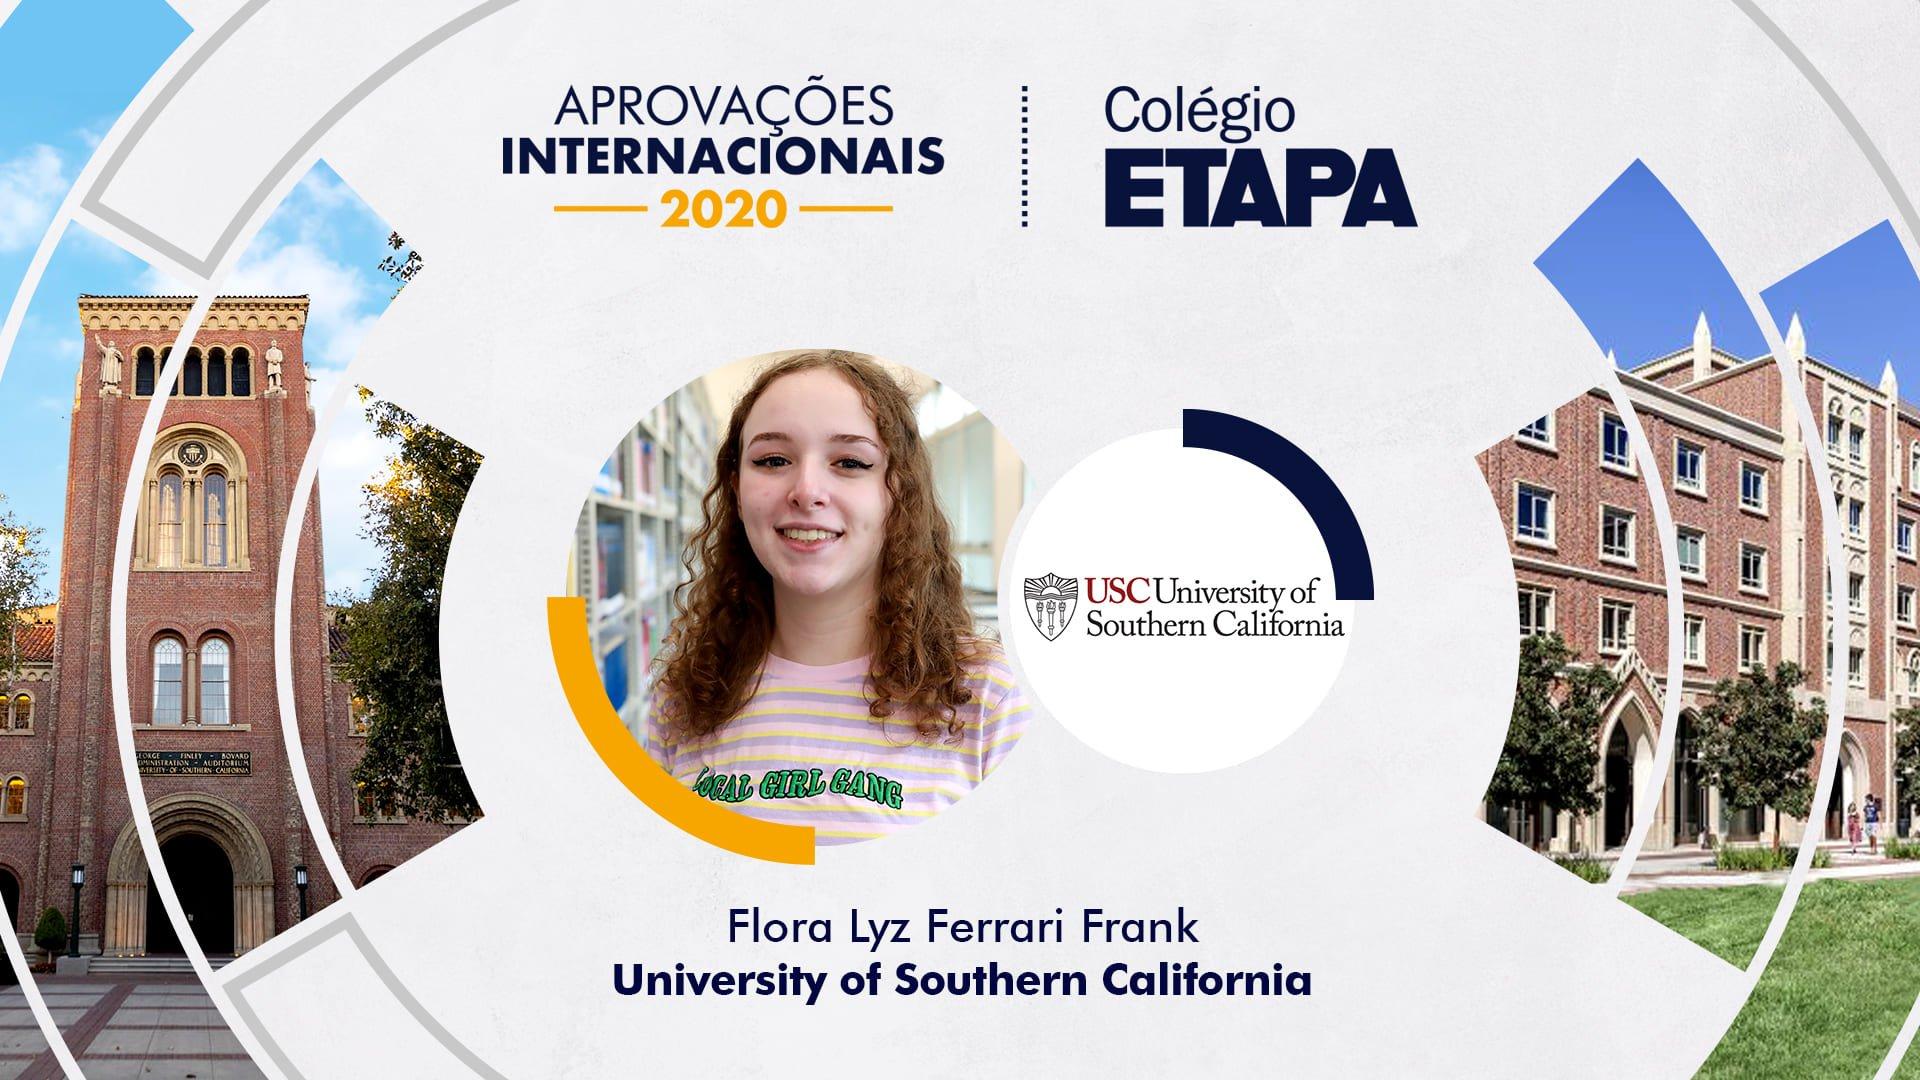 Flora Lyz Ferrari Frank vai estudar Cinema e Animação na USC.